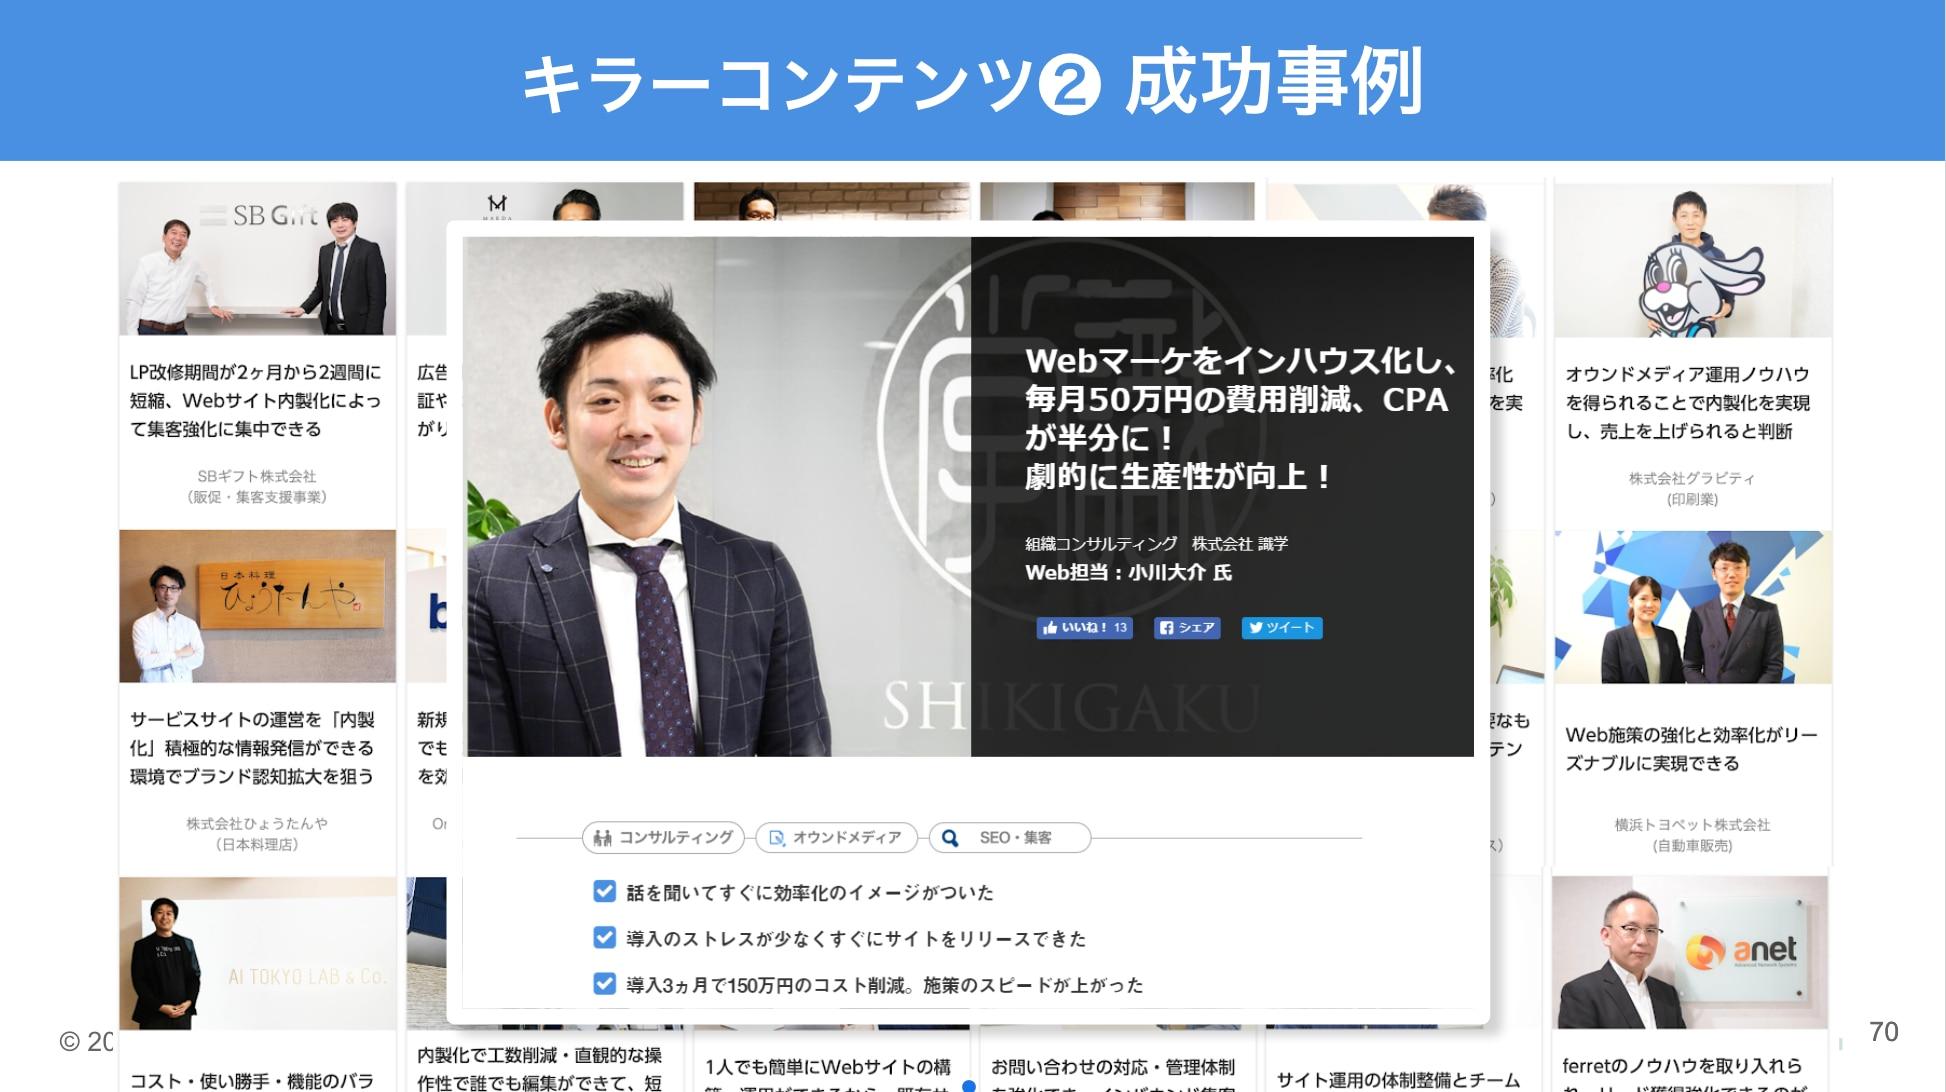 キラーコンテンツ_成功事例